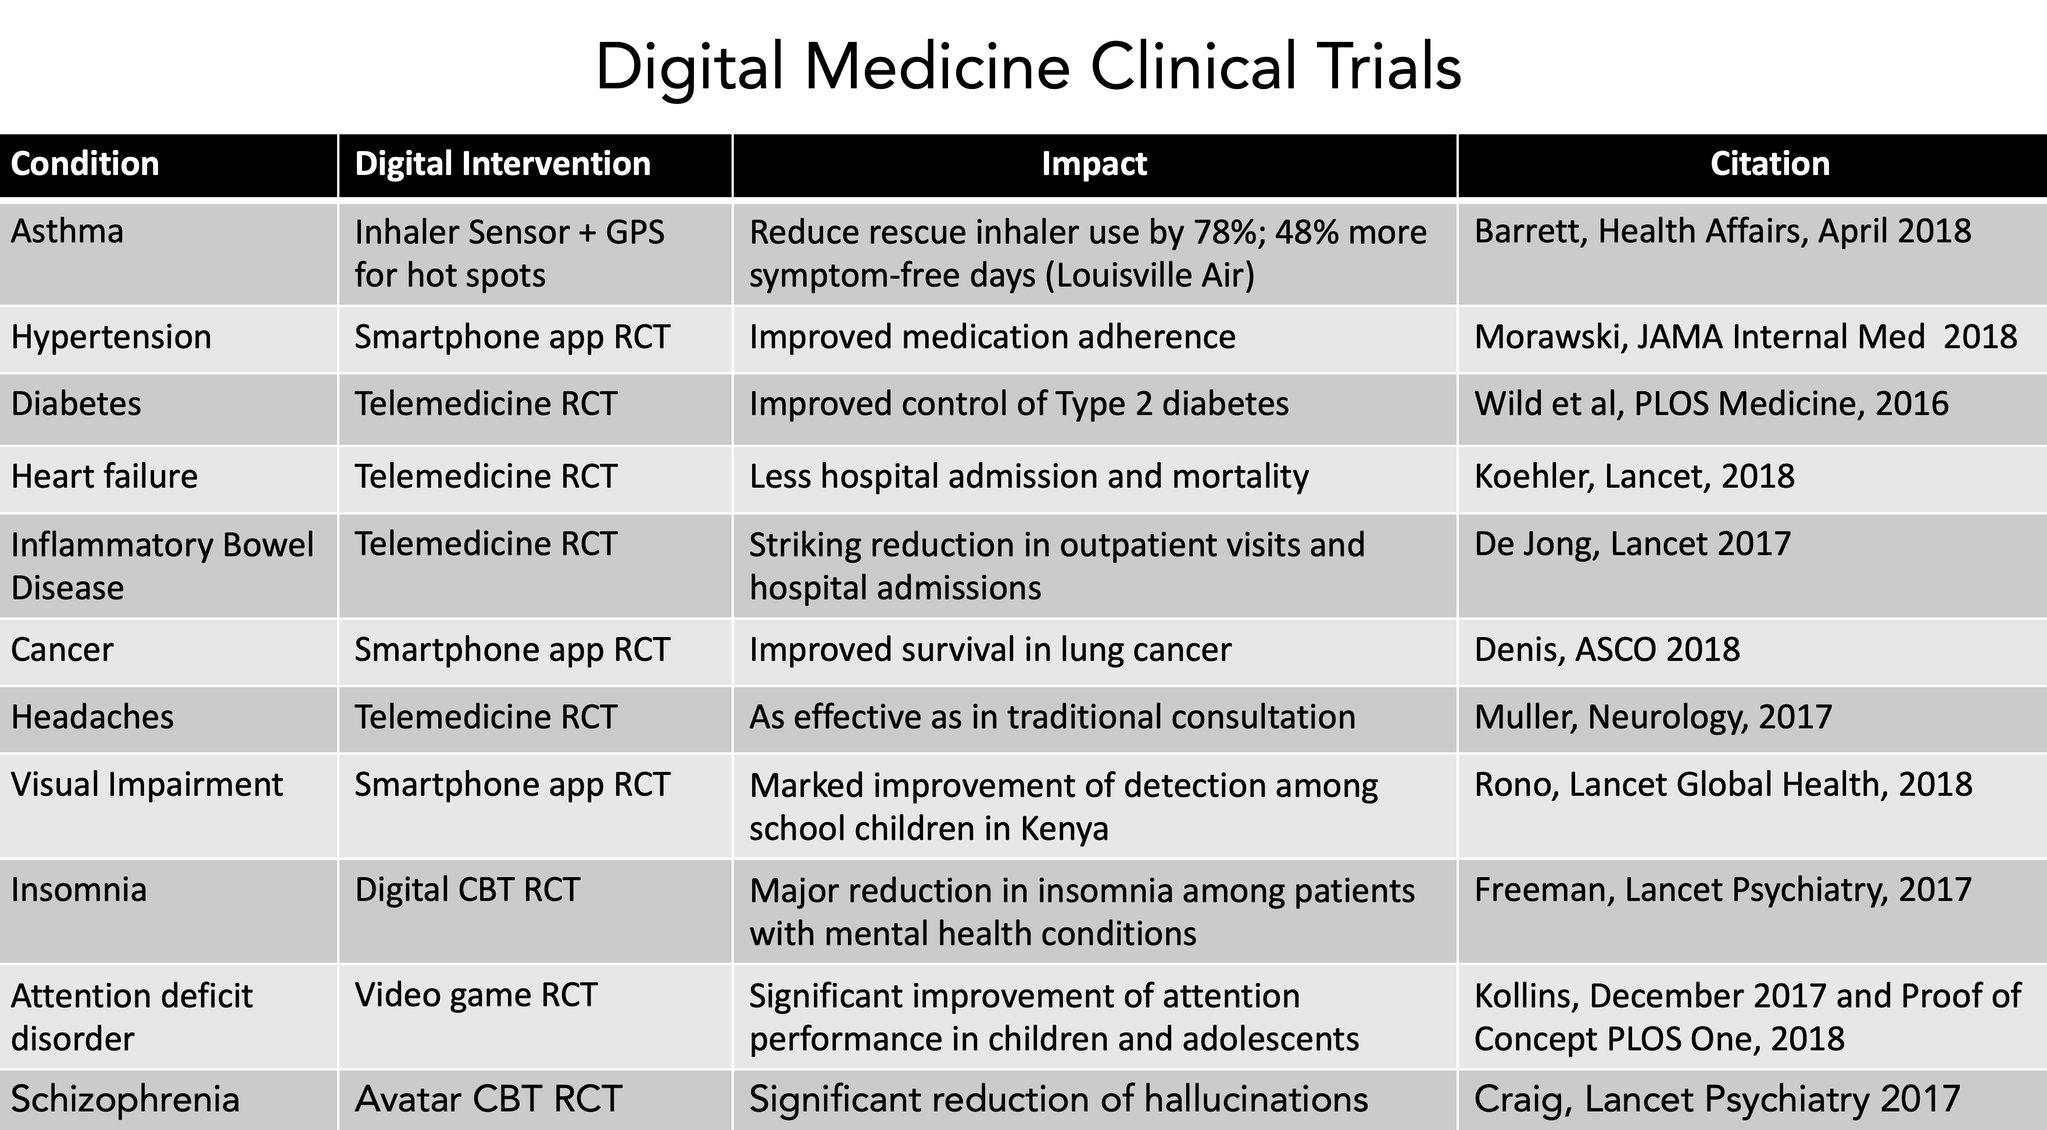 Digital Medicine Clinical Trials - via Eric Topol